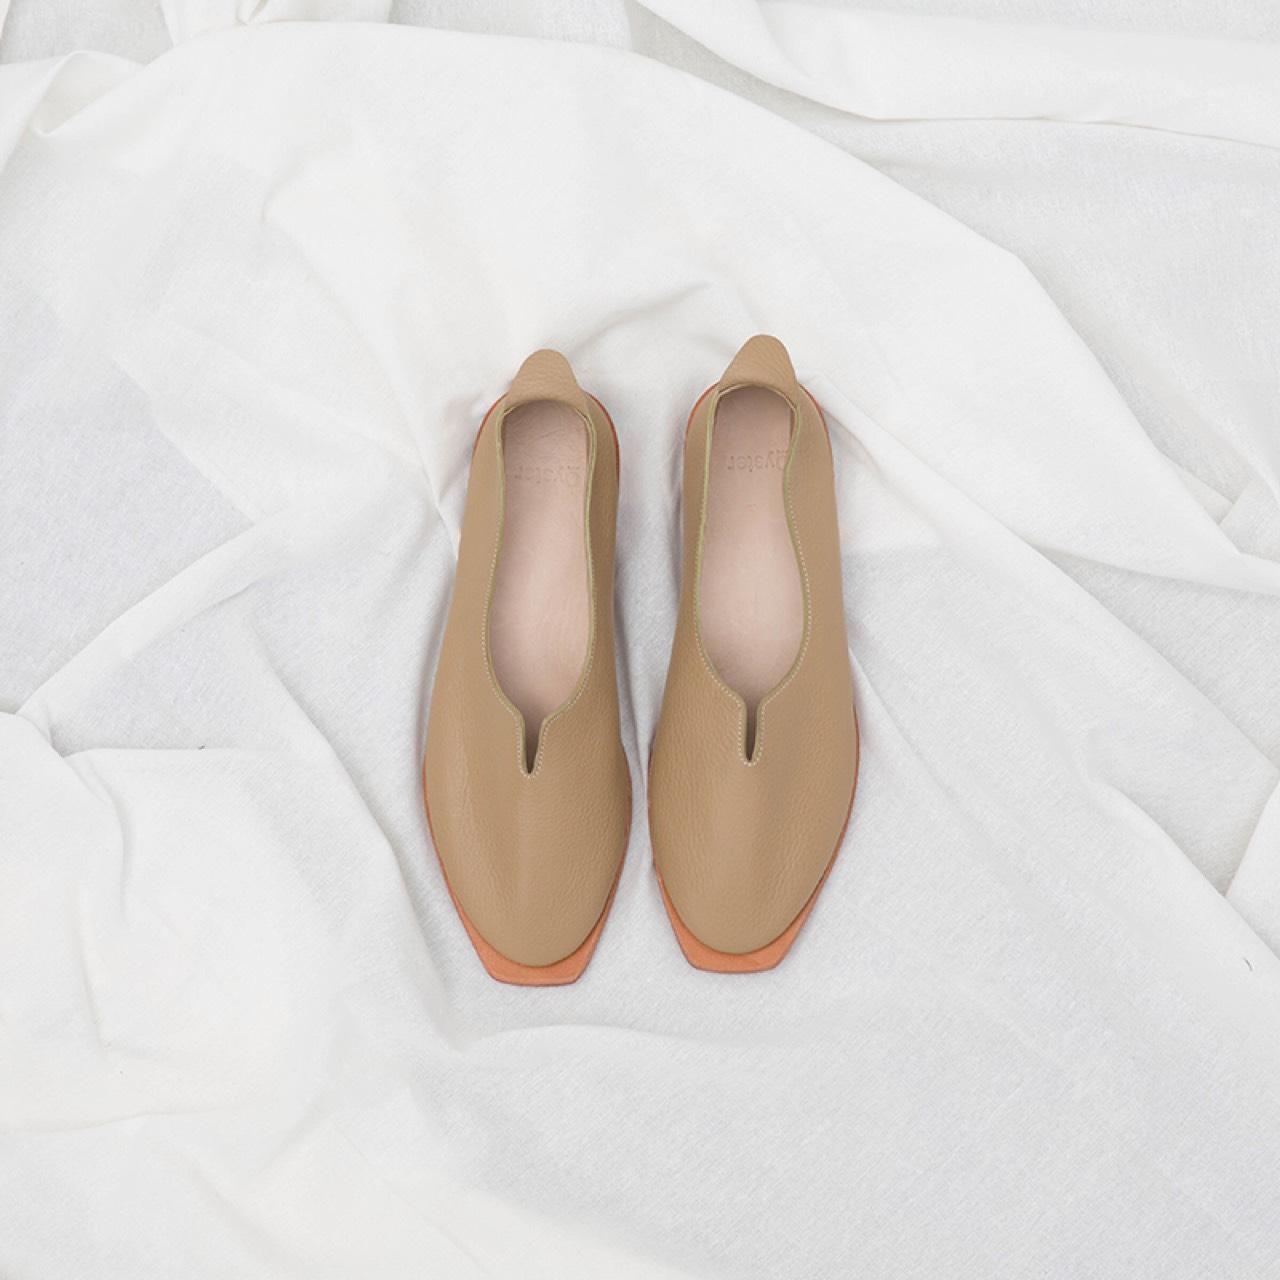 Oysterfootwear